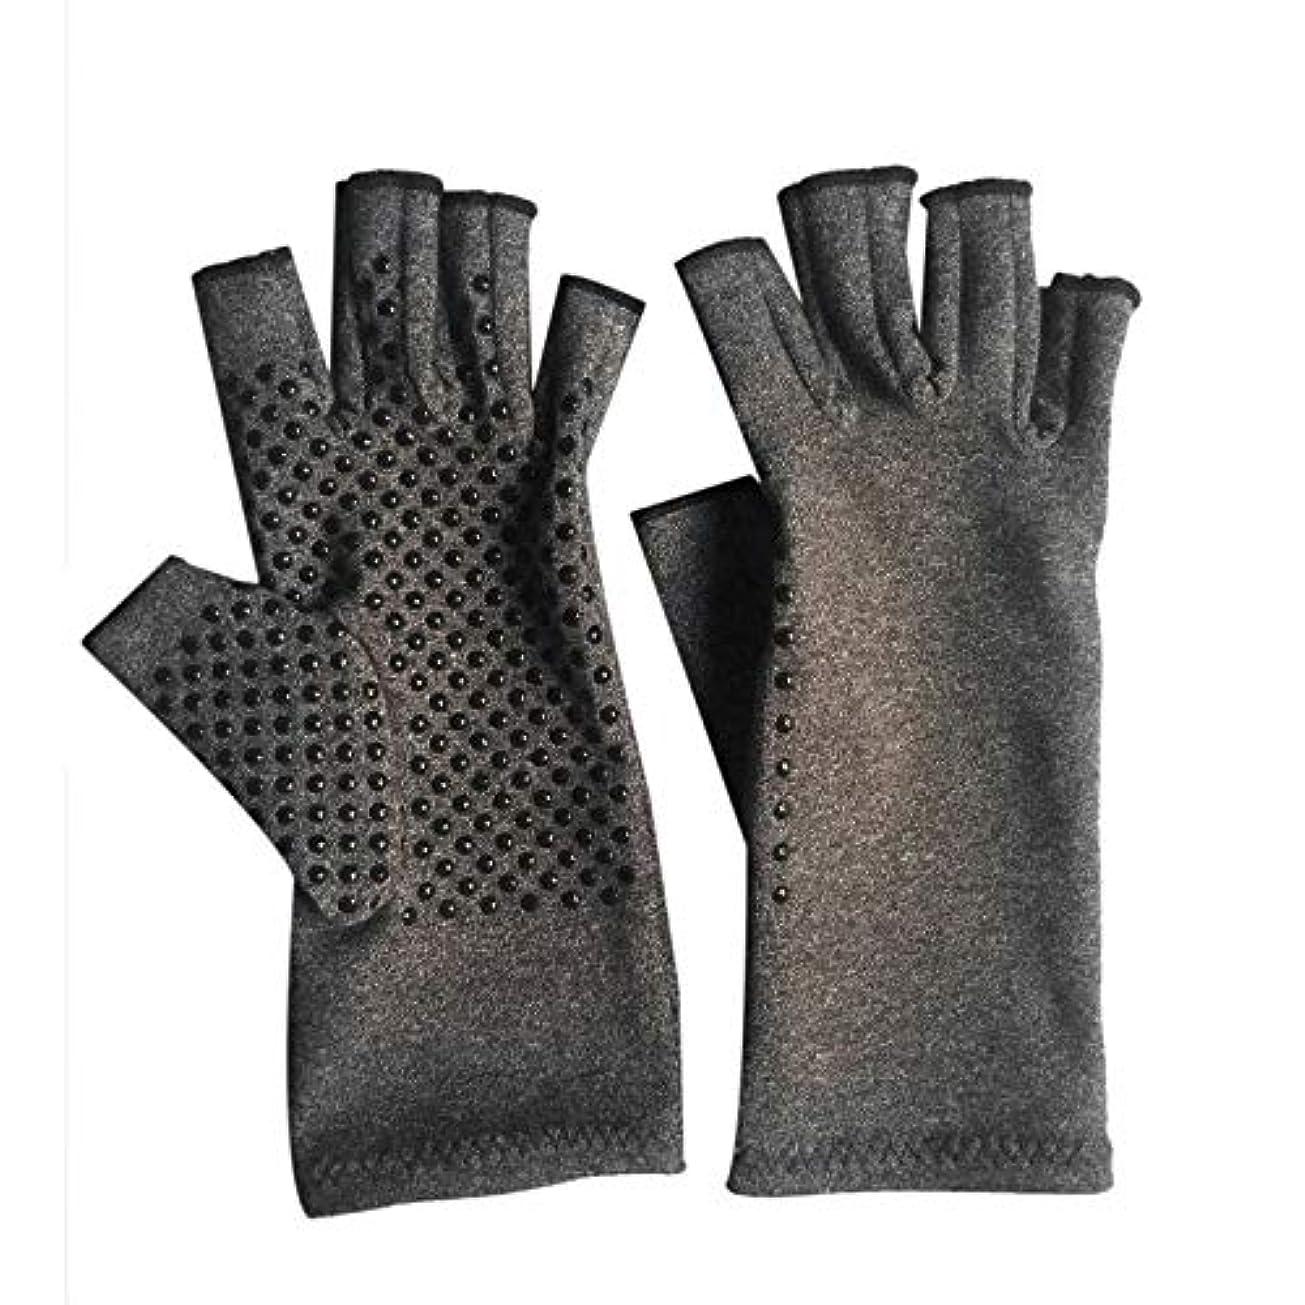 不快な本物直面する1ペアユニセックス男性女性療法圧縮手袋関節炎関節痛緩和ヘルスケア半指手袋トレーニング手袋 - グレーM